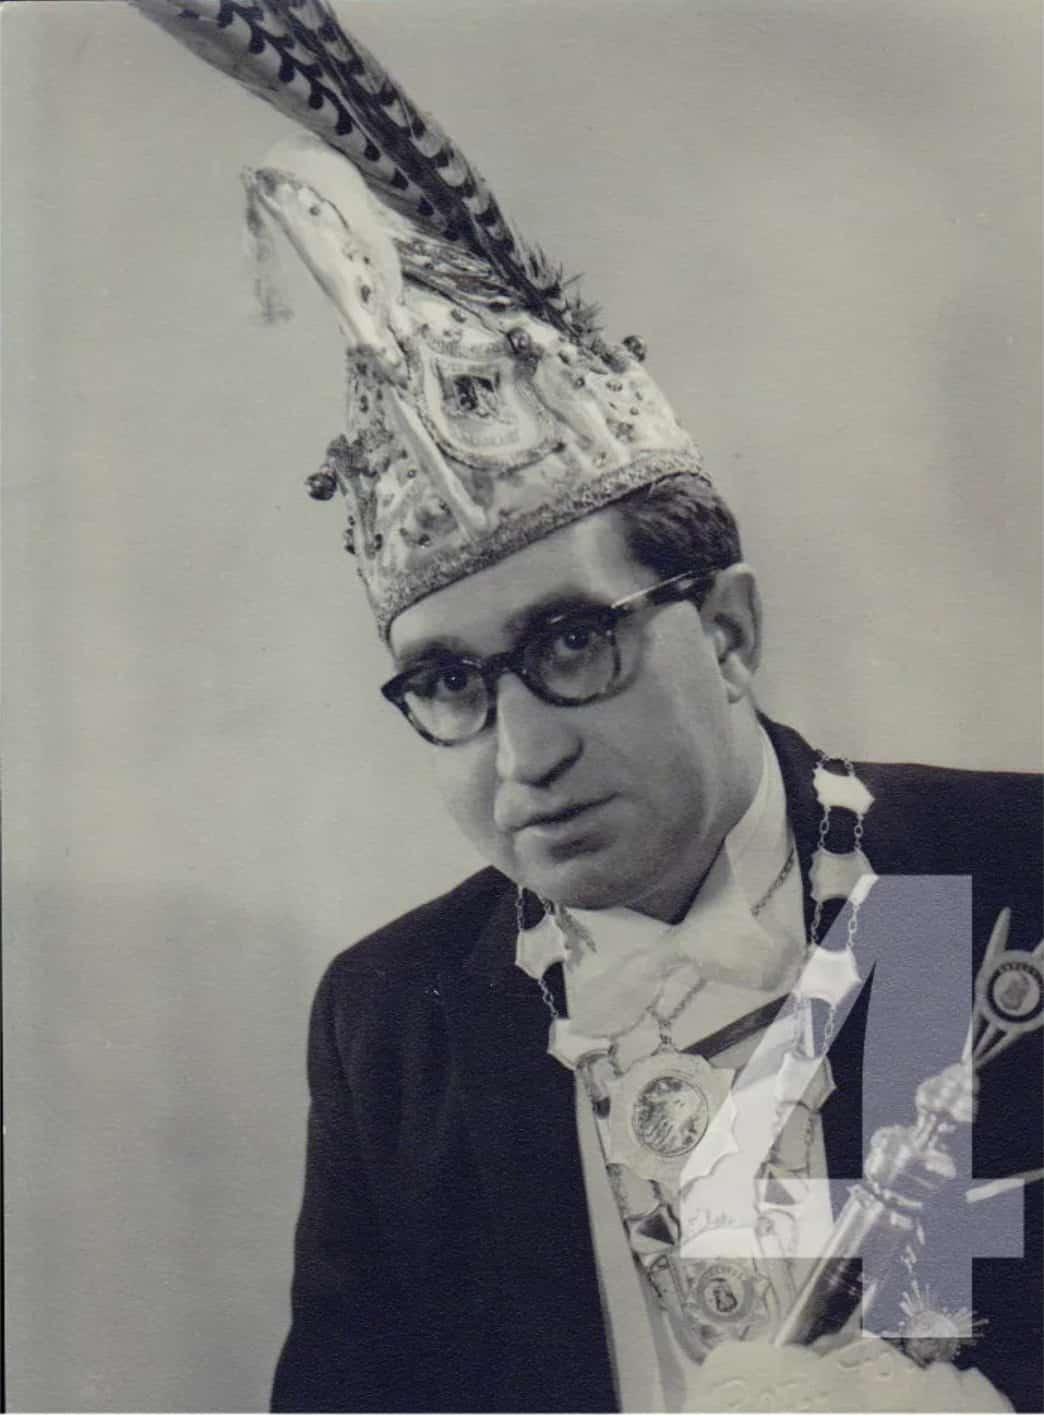 Nic Hommel 1956-1973